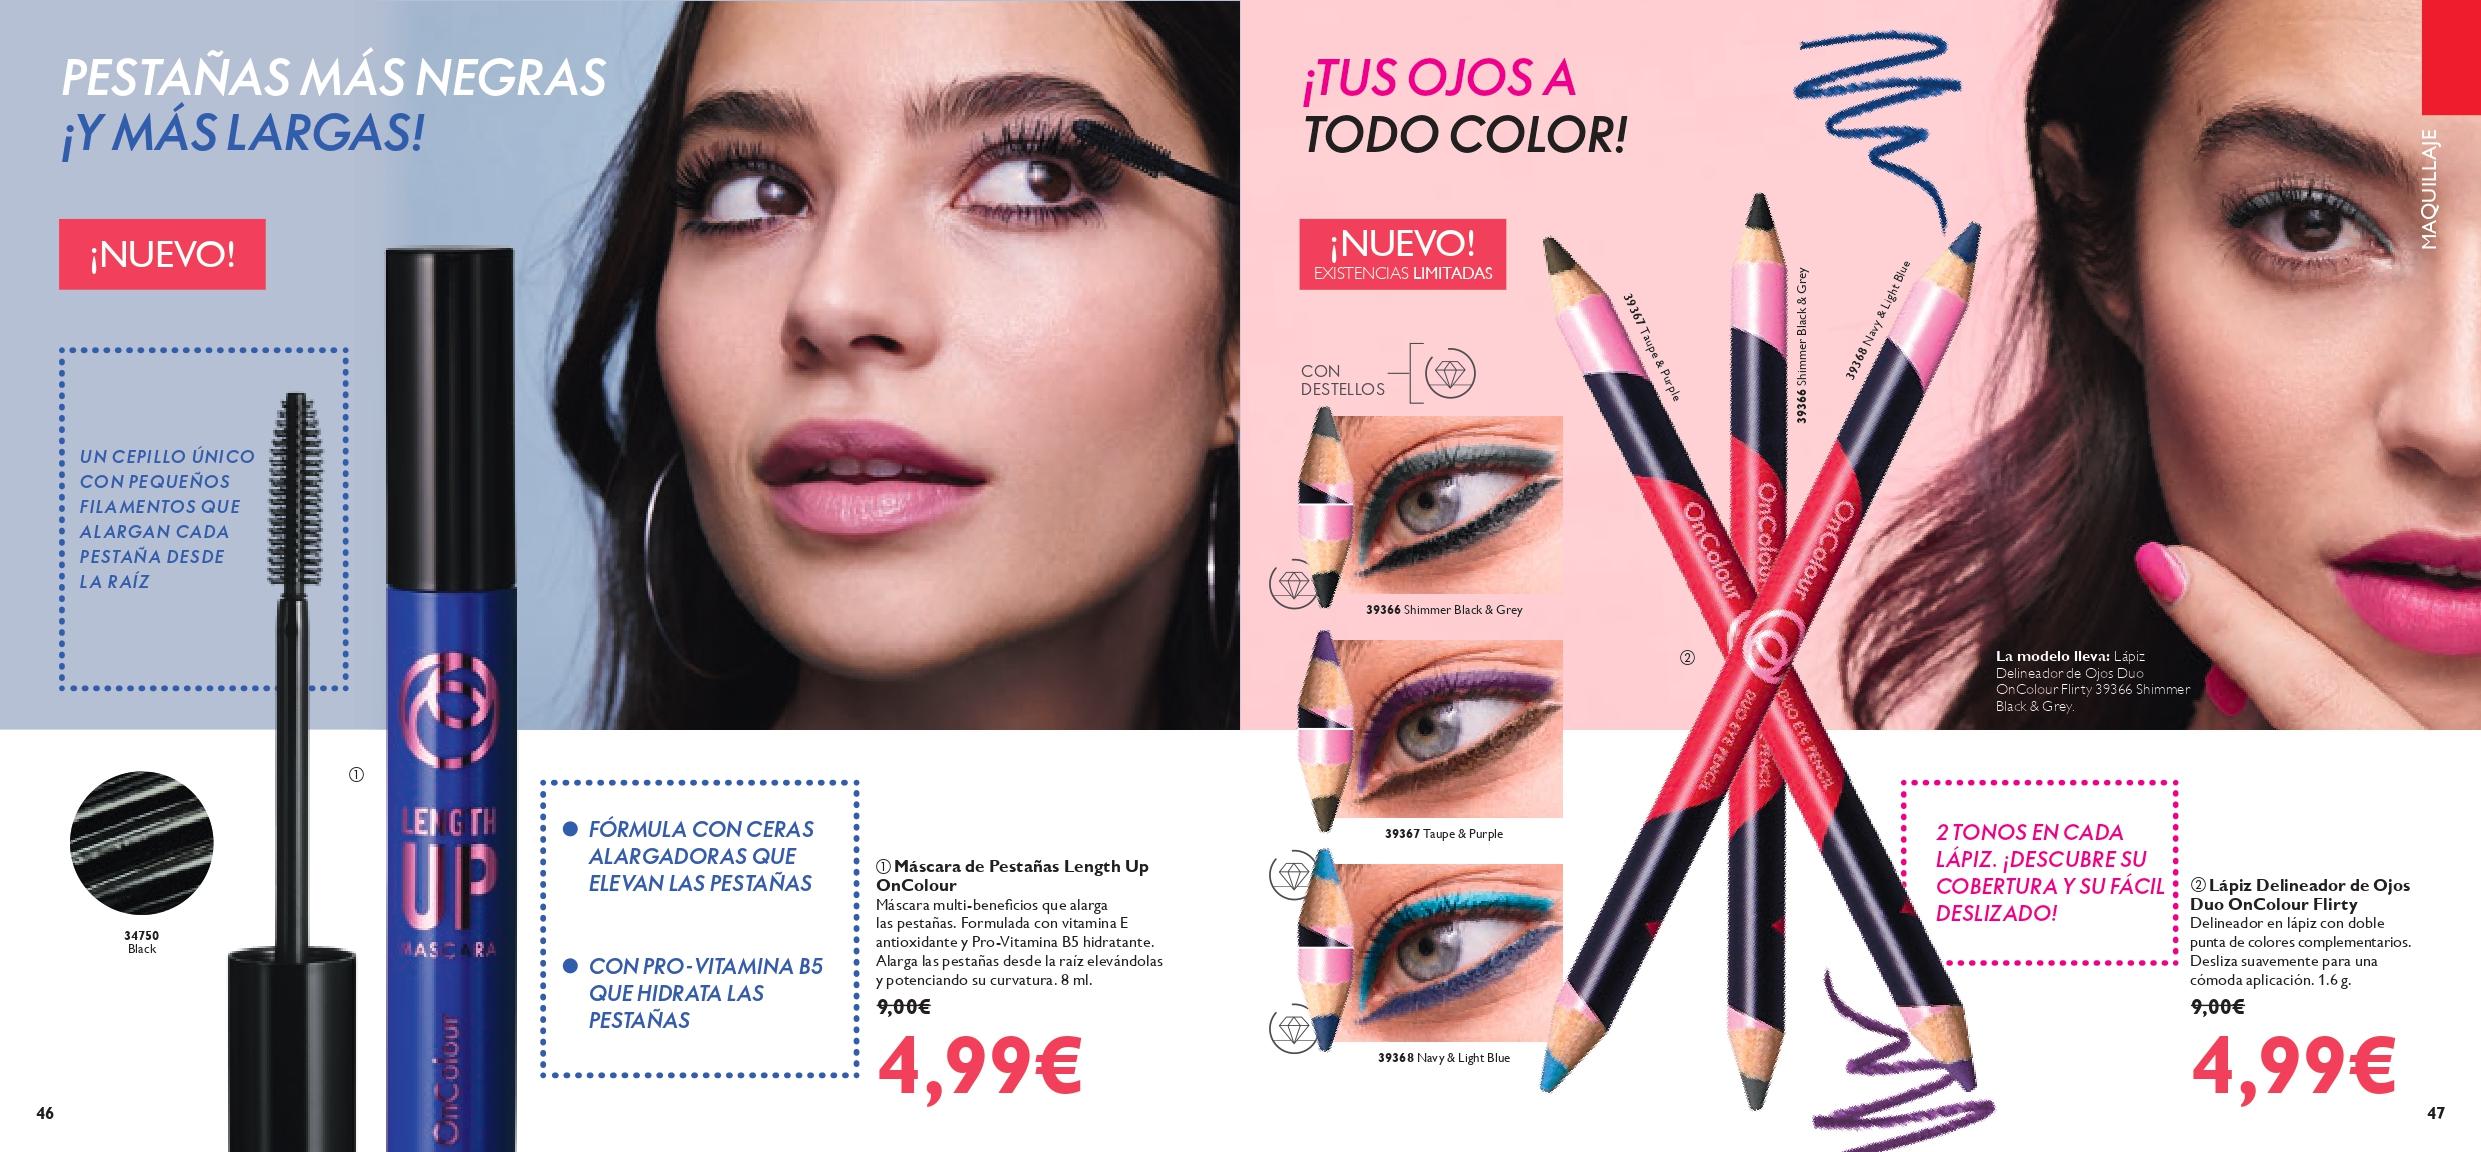 2019.ce.016.es.002-003+79_page-0023